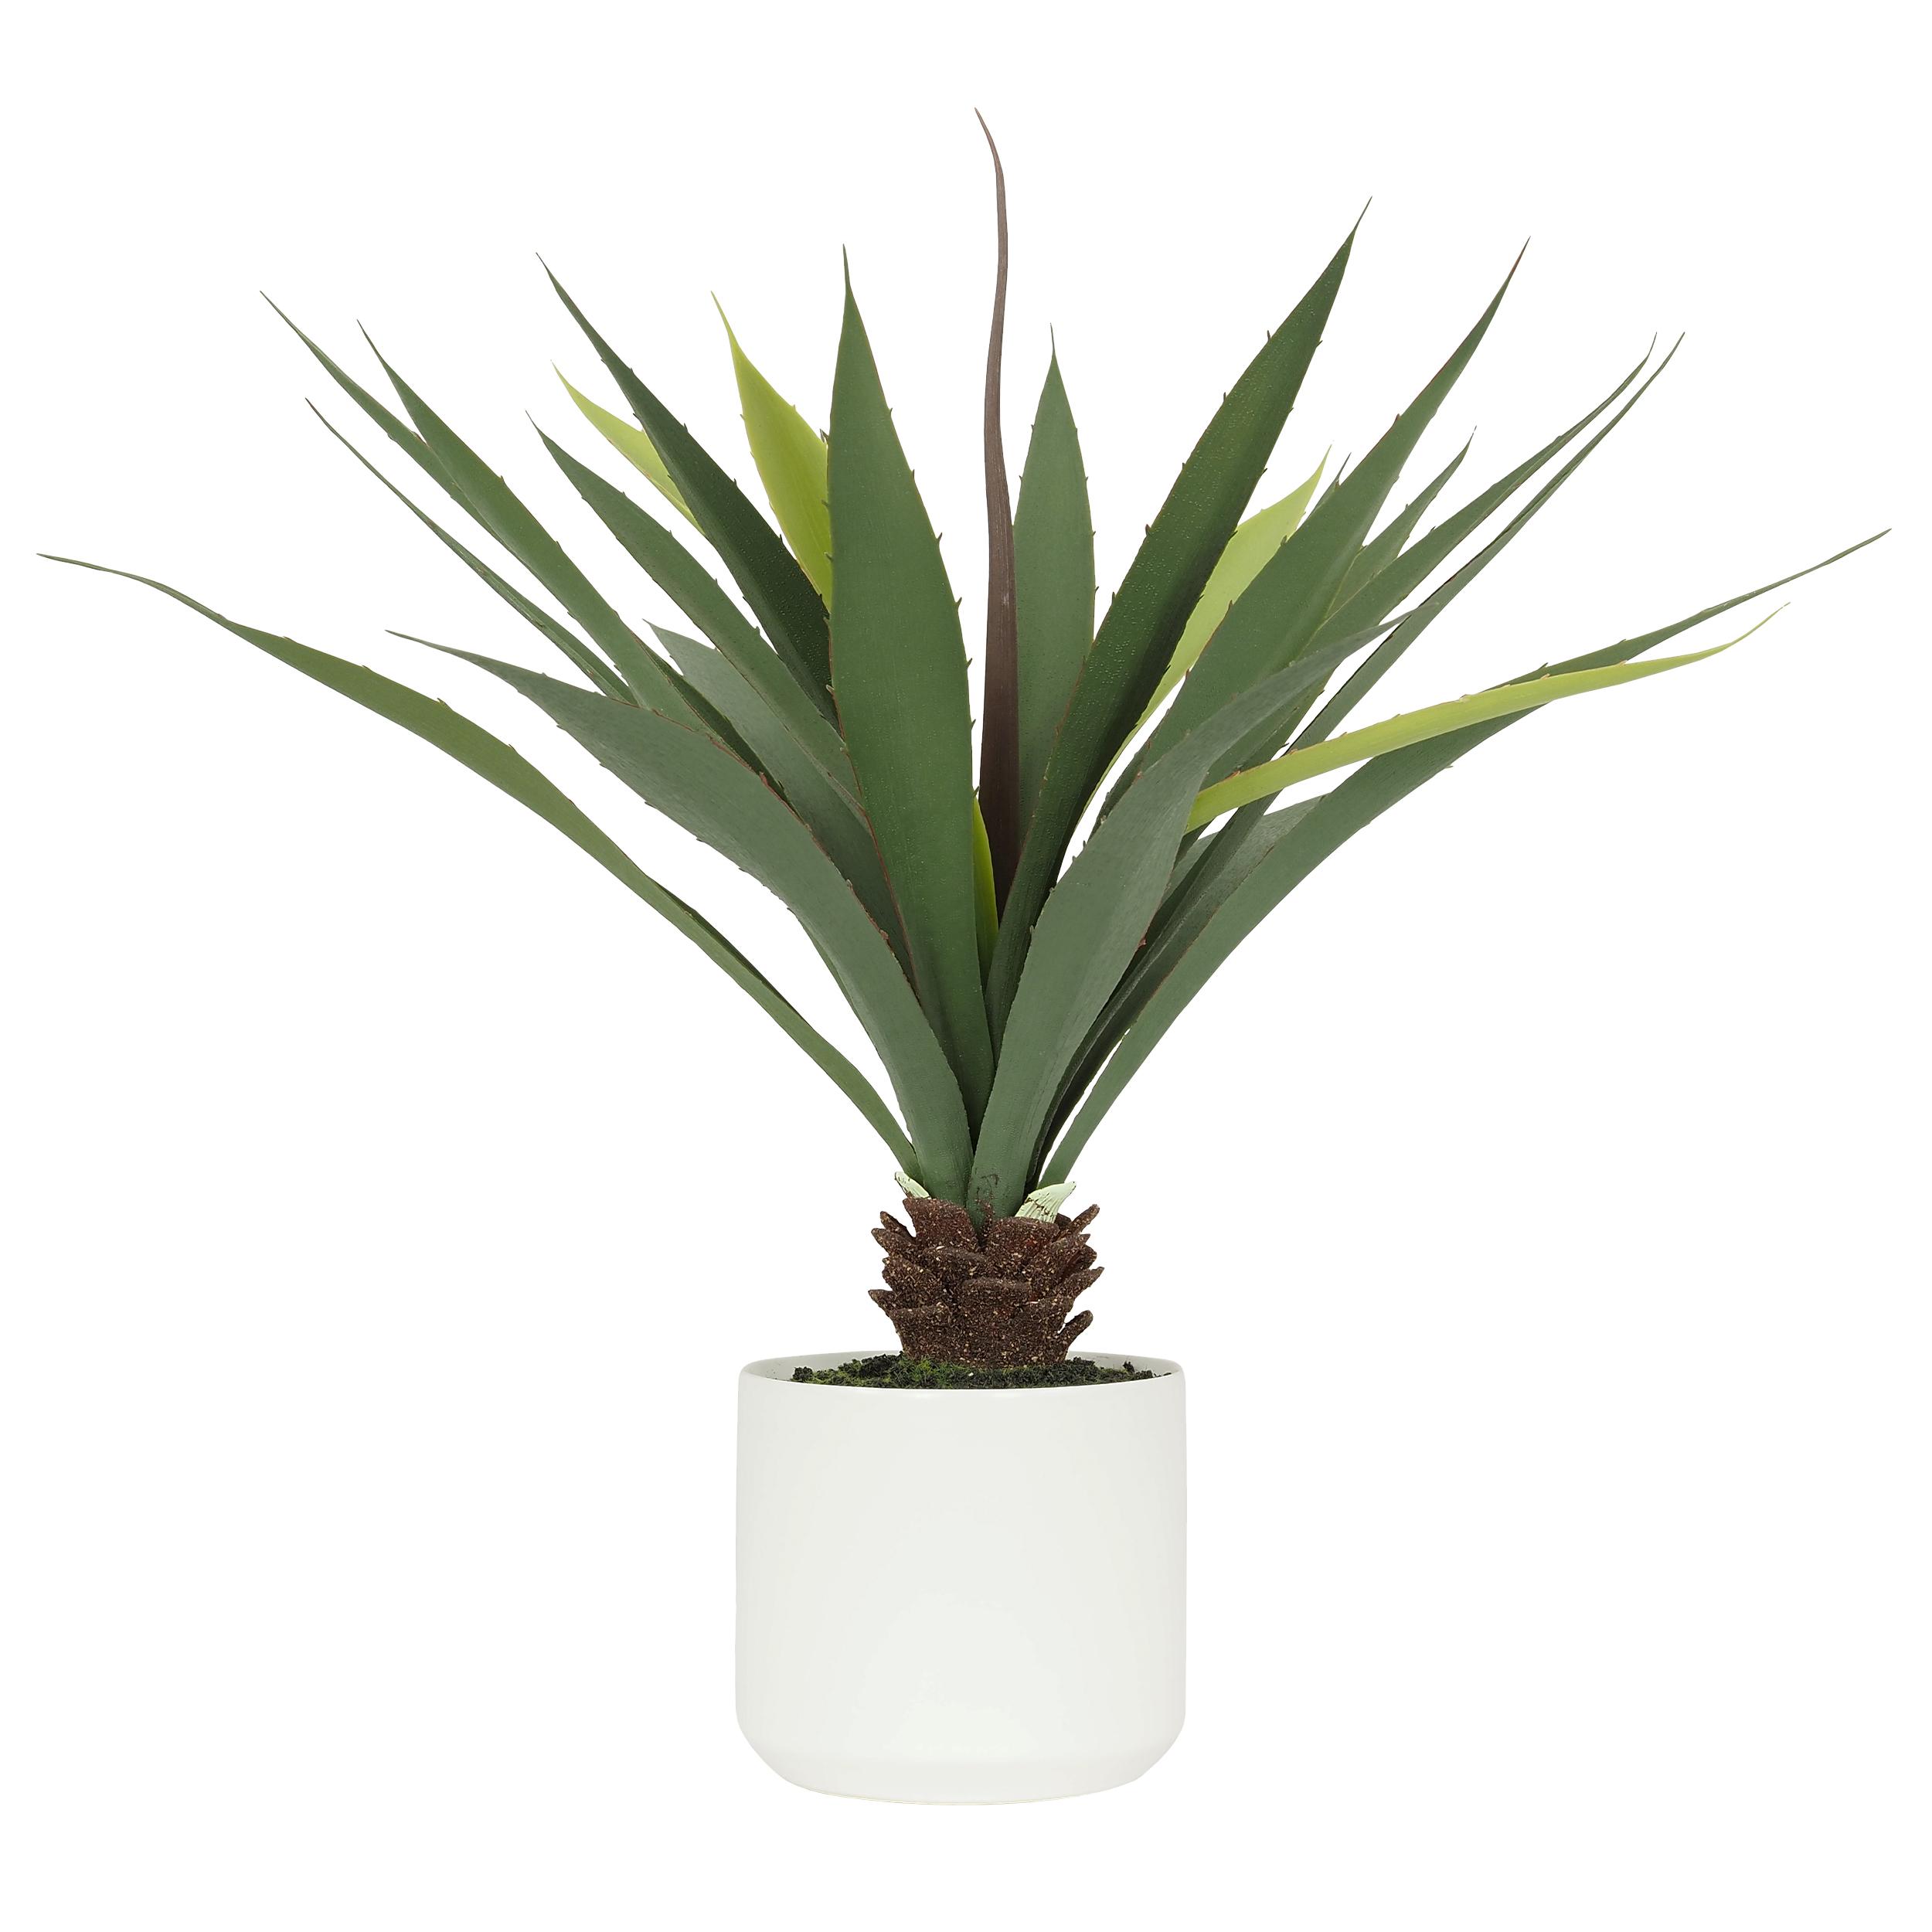 Aloe artificielle pot céramique blanc 50 cm